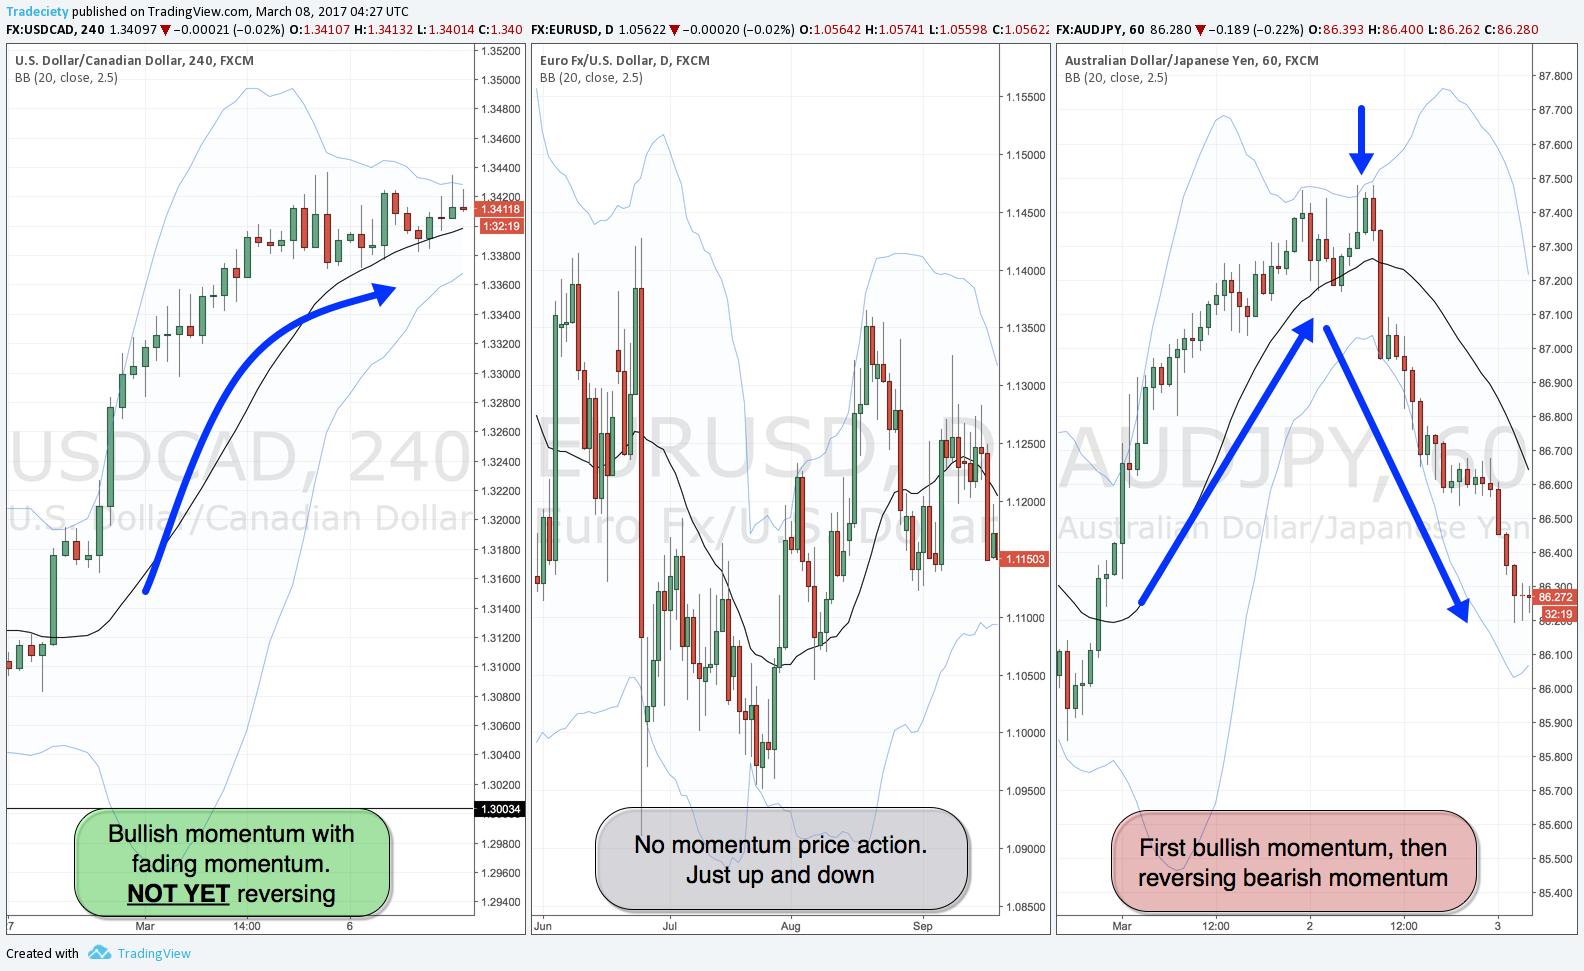 Tranzacționarea momentumului - Un ghid de tranzacționare pe baza acțiunii prețului 1